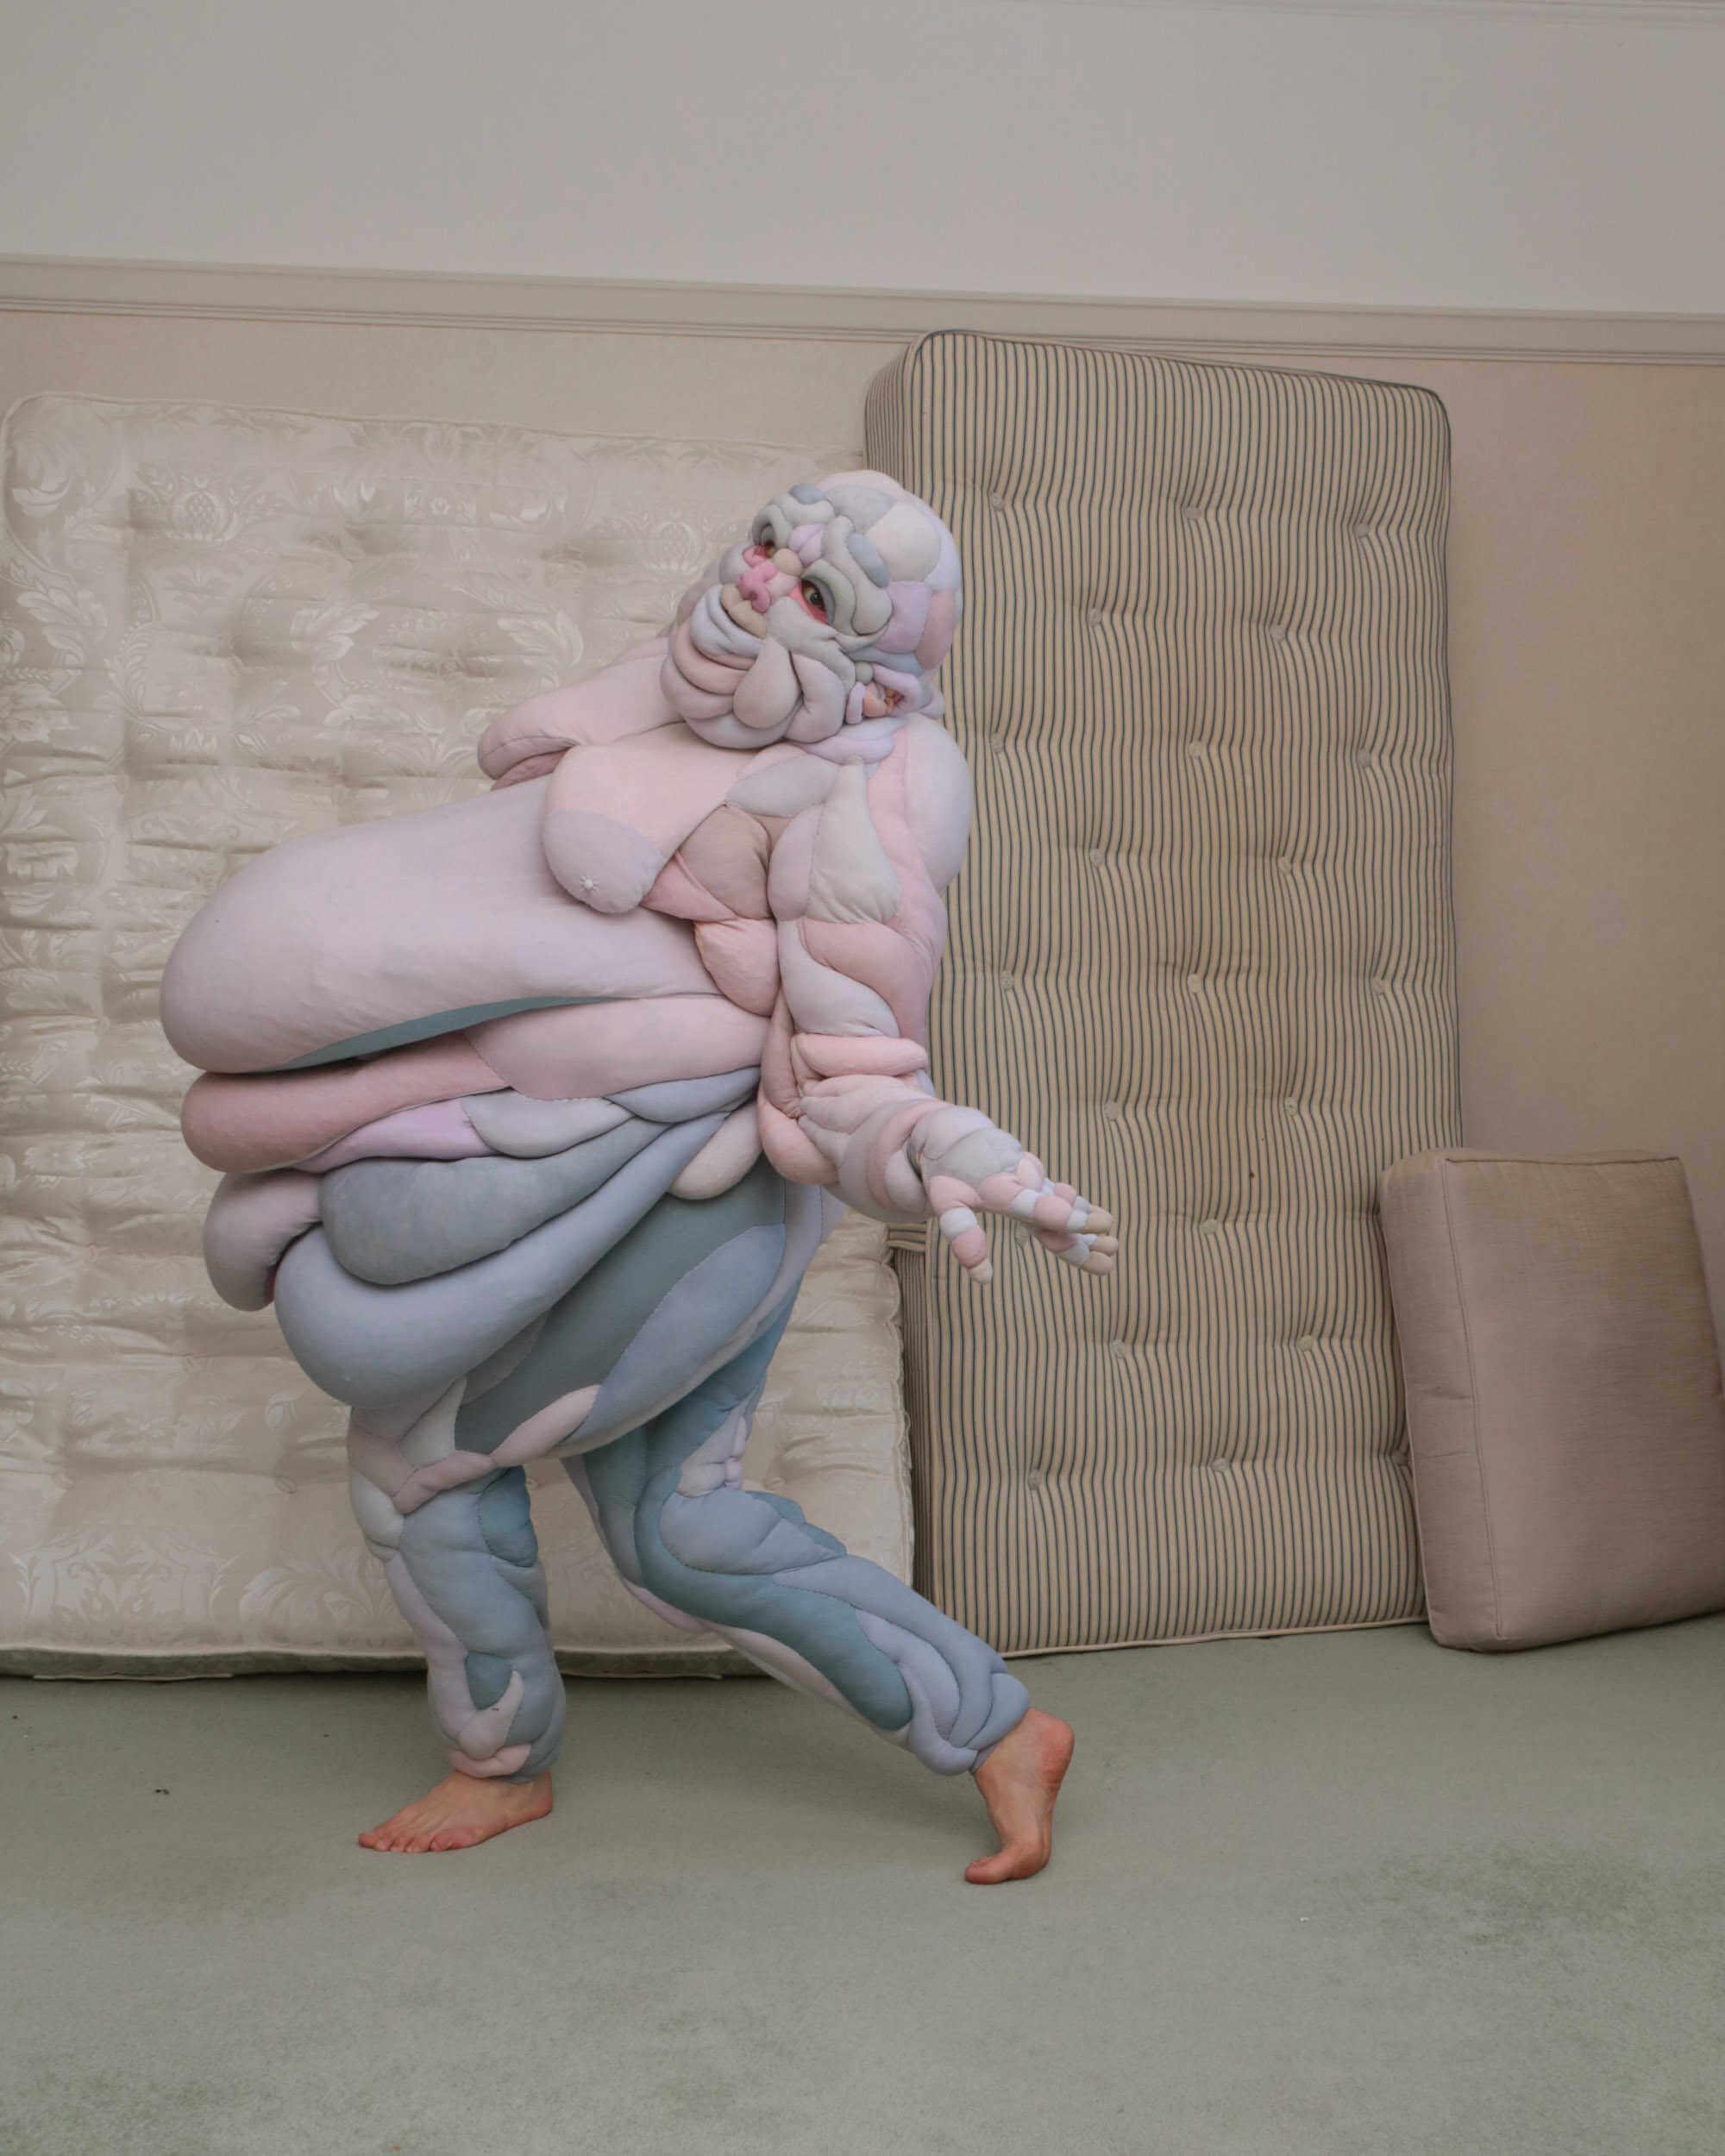 Pose de baile con undisfraz hecho con goma espuma haciendo alegoria al cuerpo humano diseñado por Daisy Collingridge